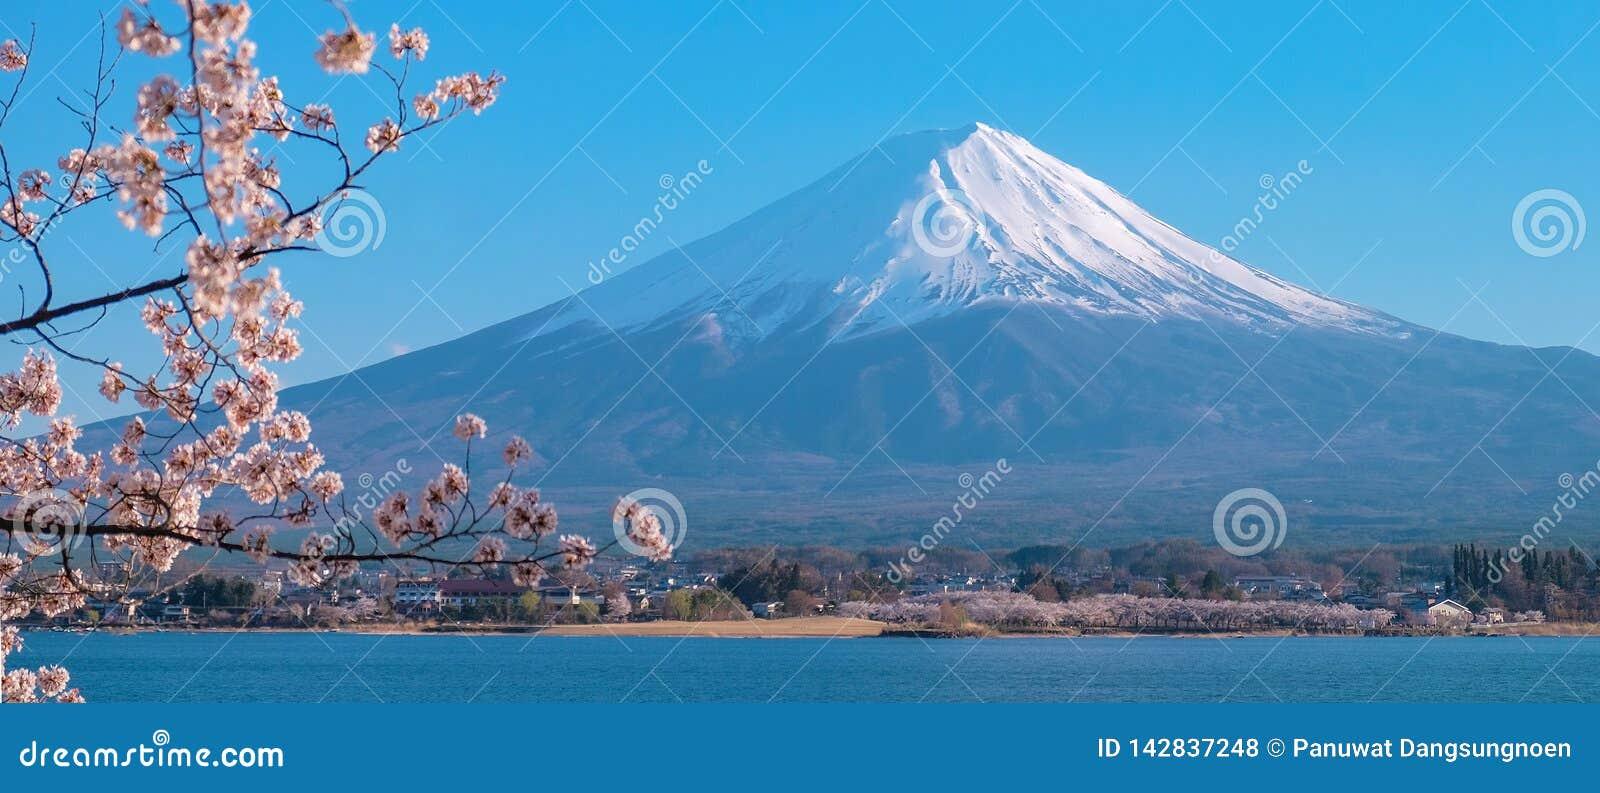 Mooi zet Fuji met sneeuw en blauwe hemel op bij Meerkawaguchiko wordt afgedekt, Japan dat